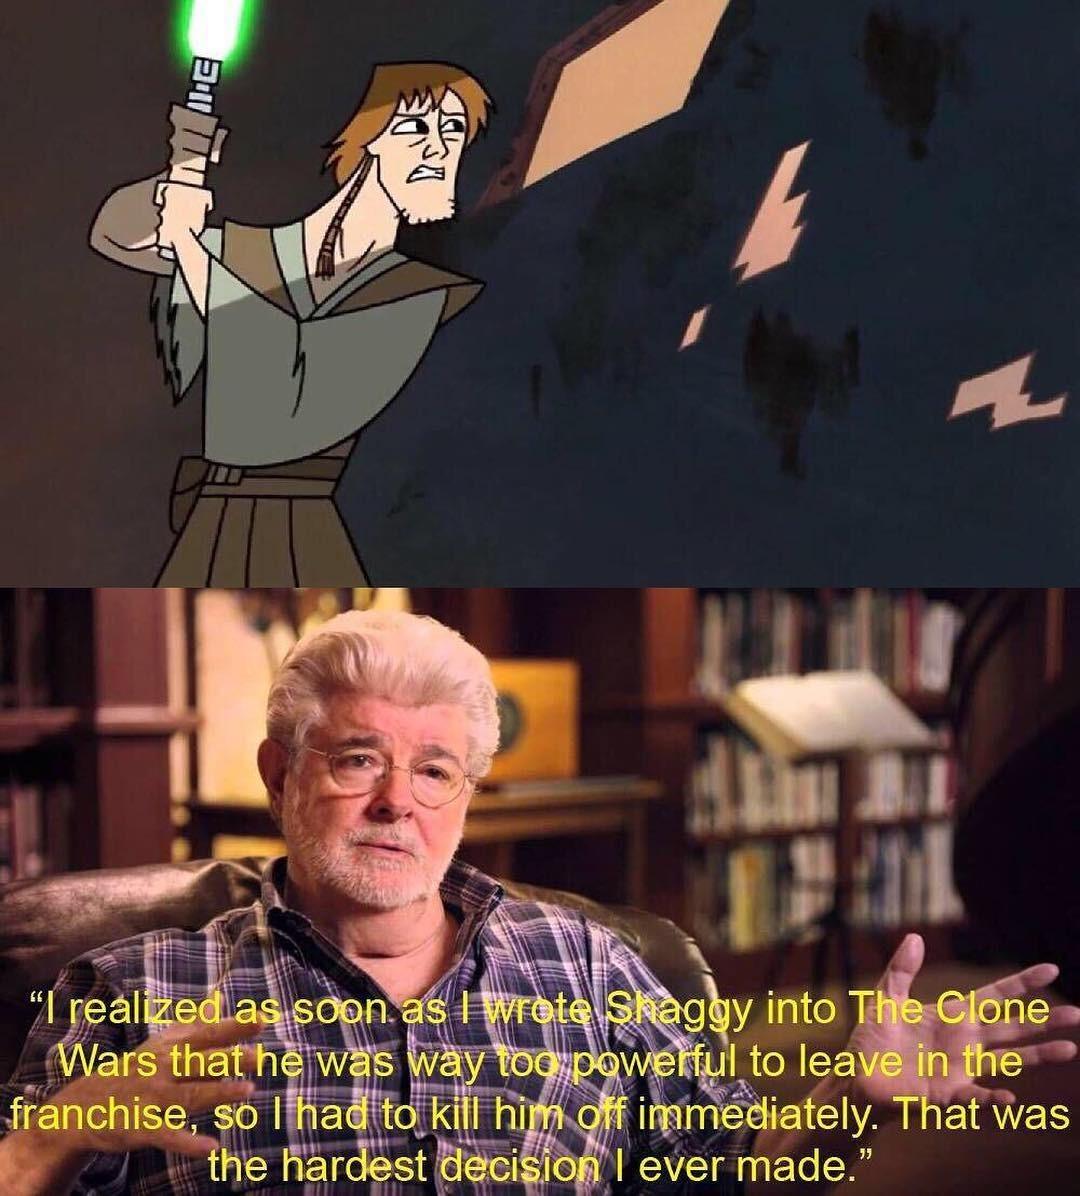 It all makes sense - meme